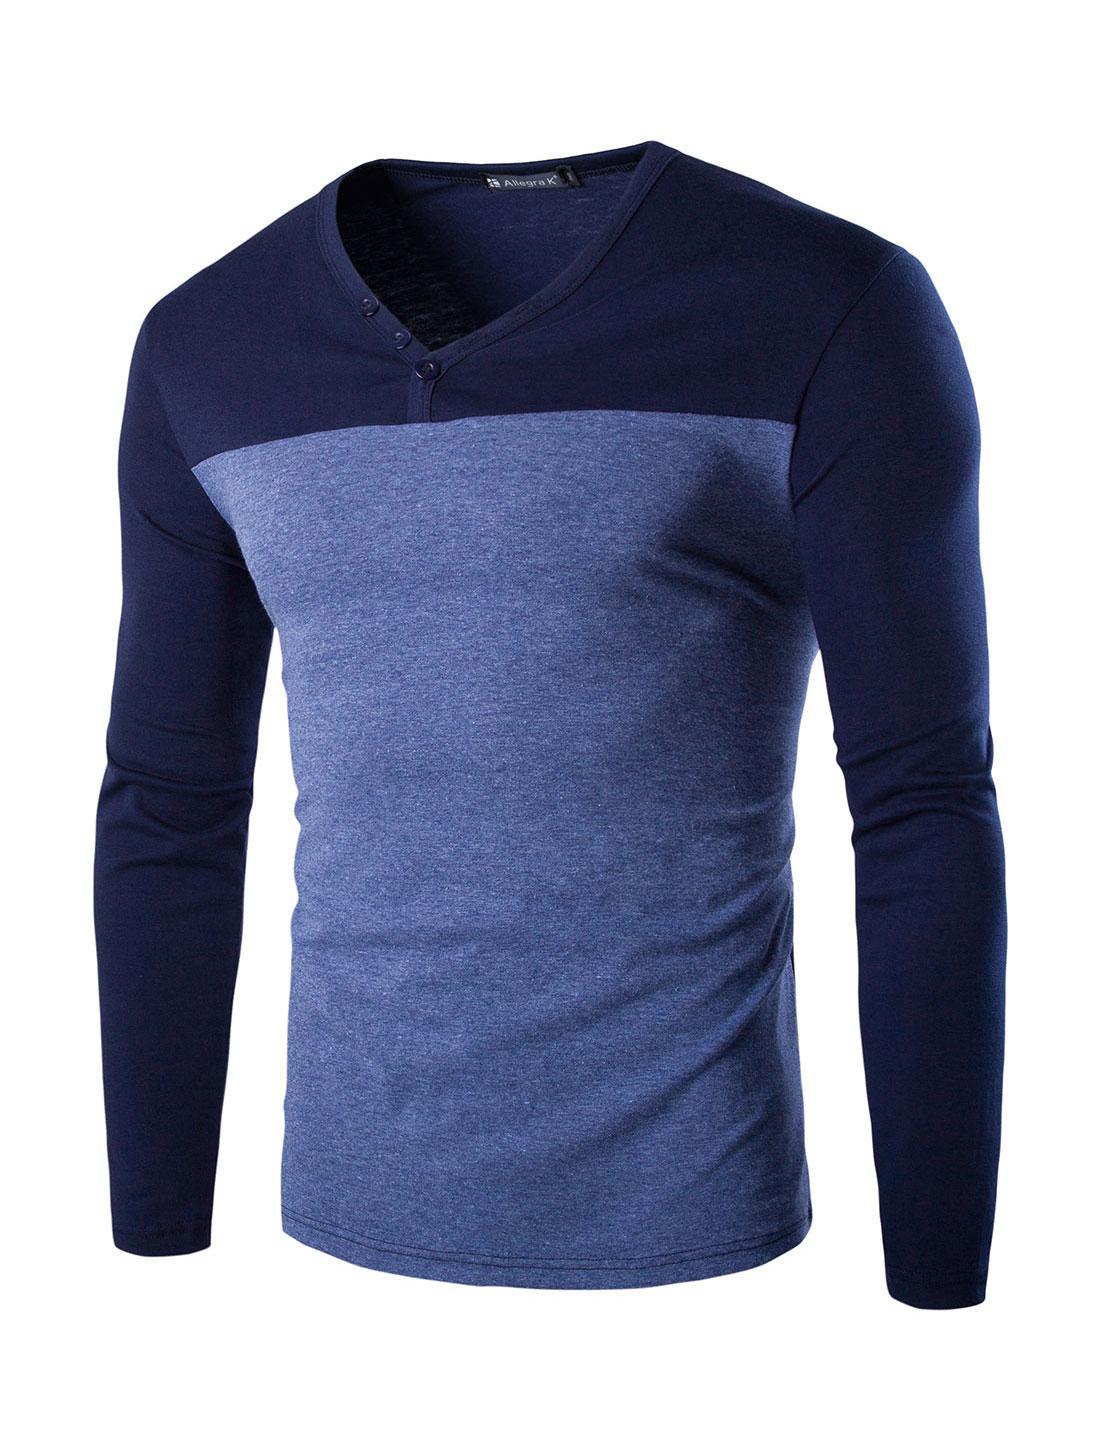 Men V-Neck Color Block Buttons Upper Long Sleeves T-shirt Blue L